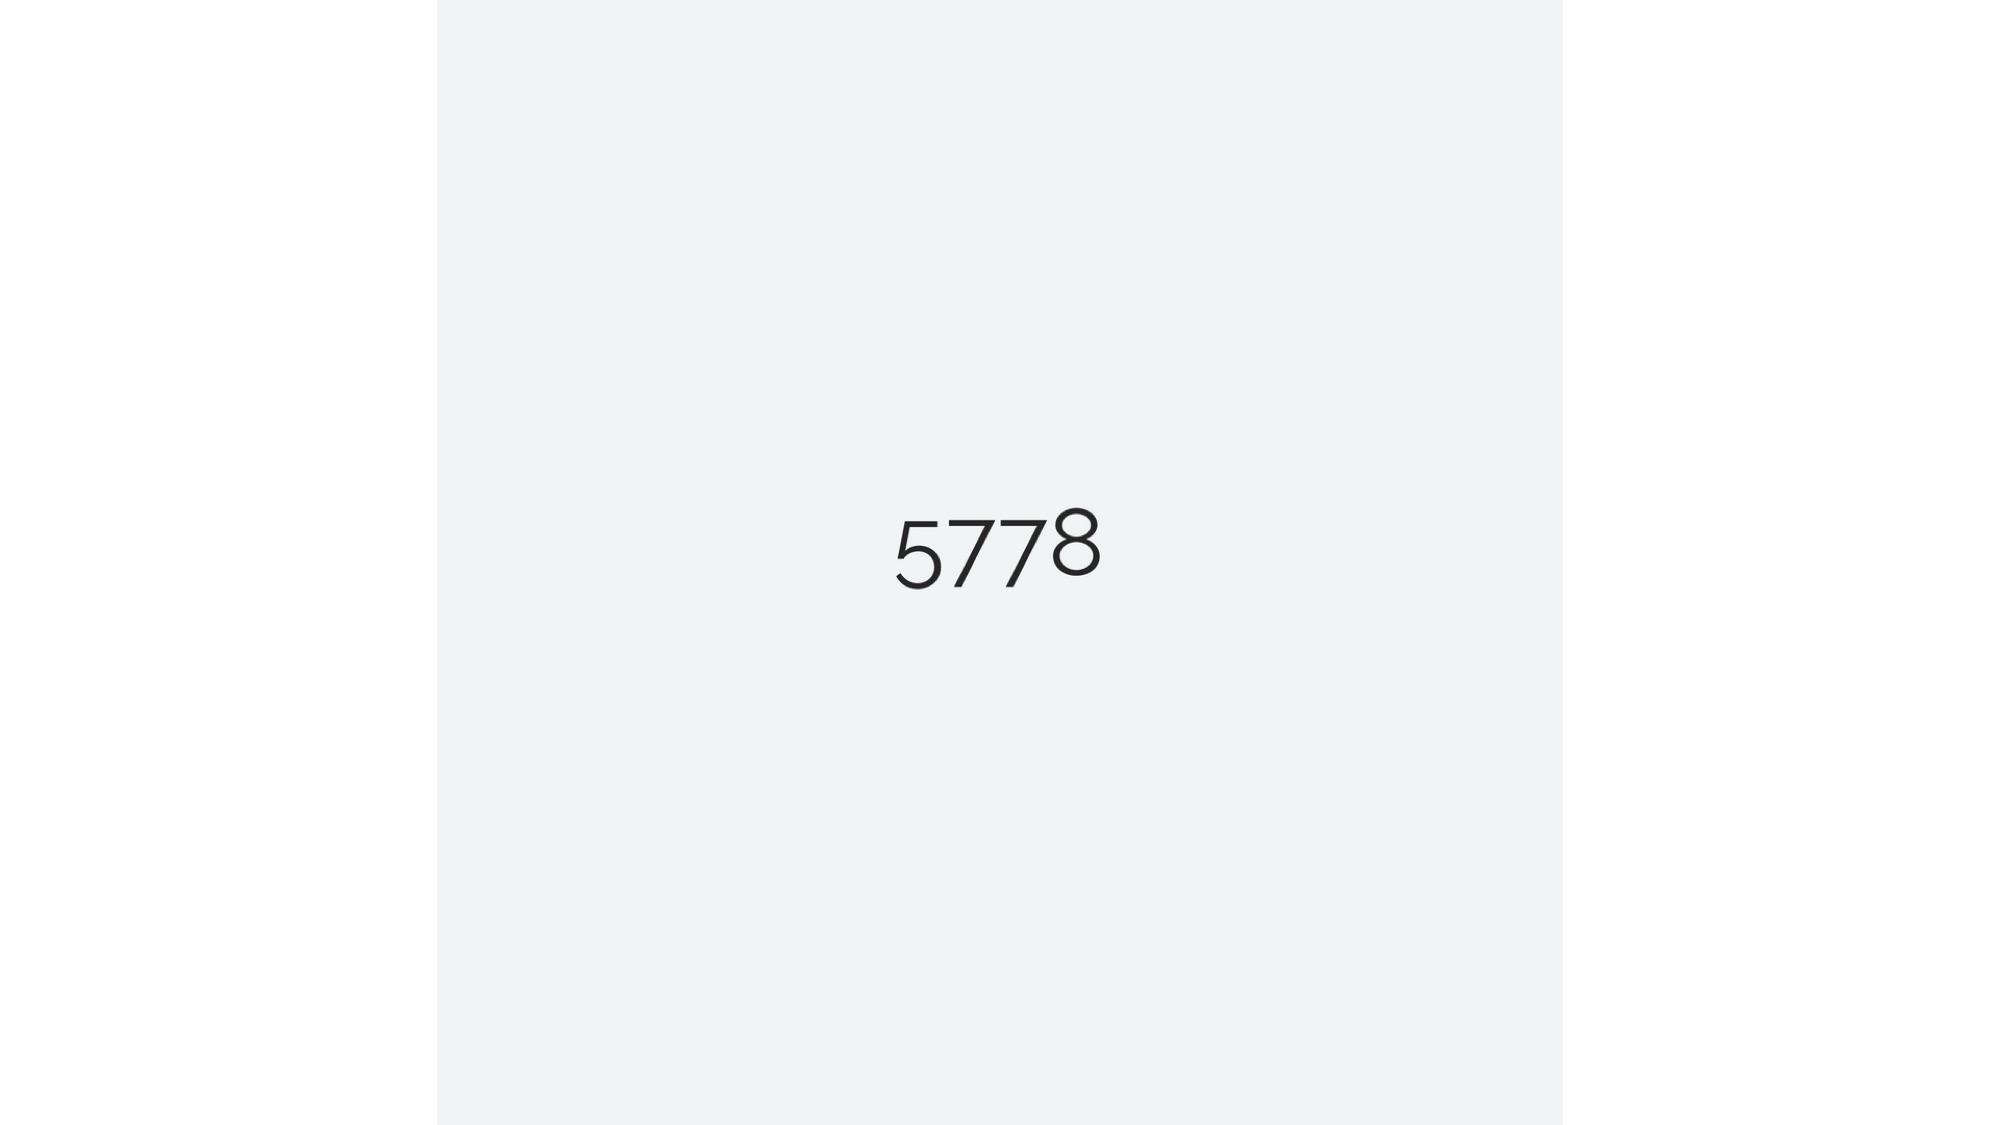 5778.jpg